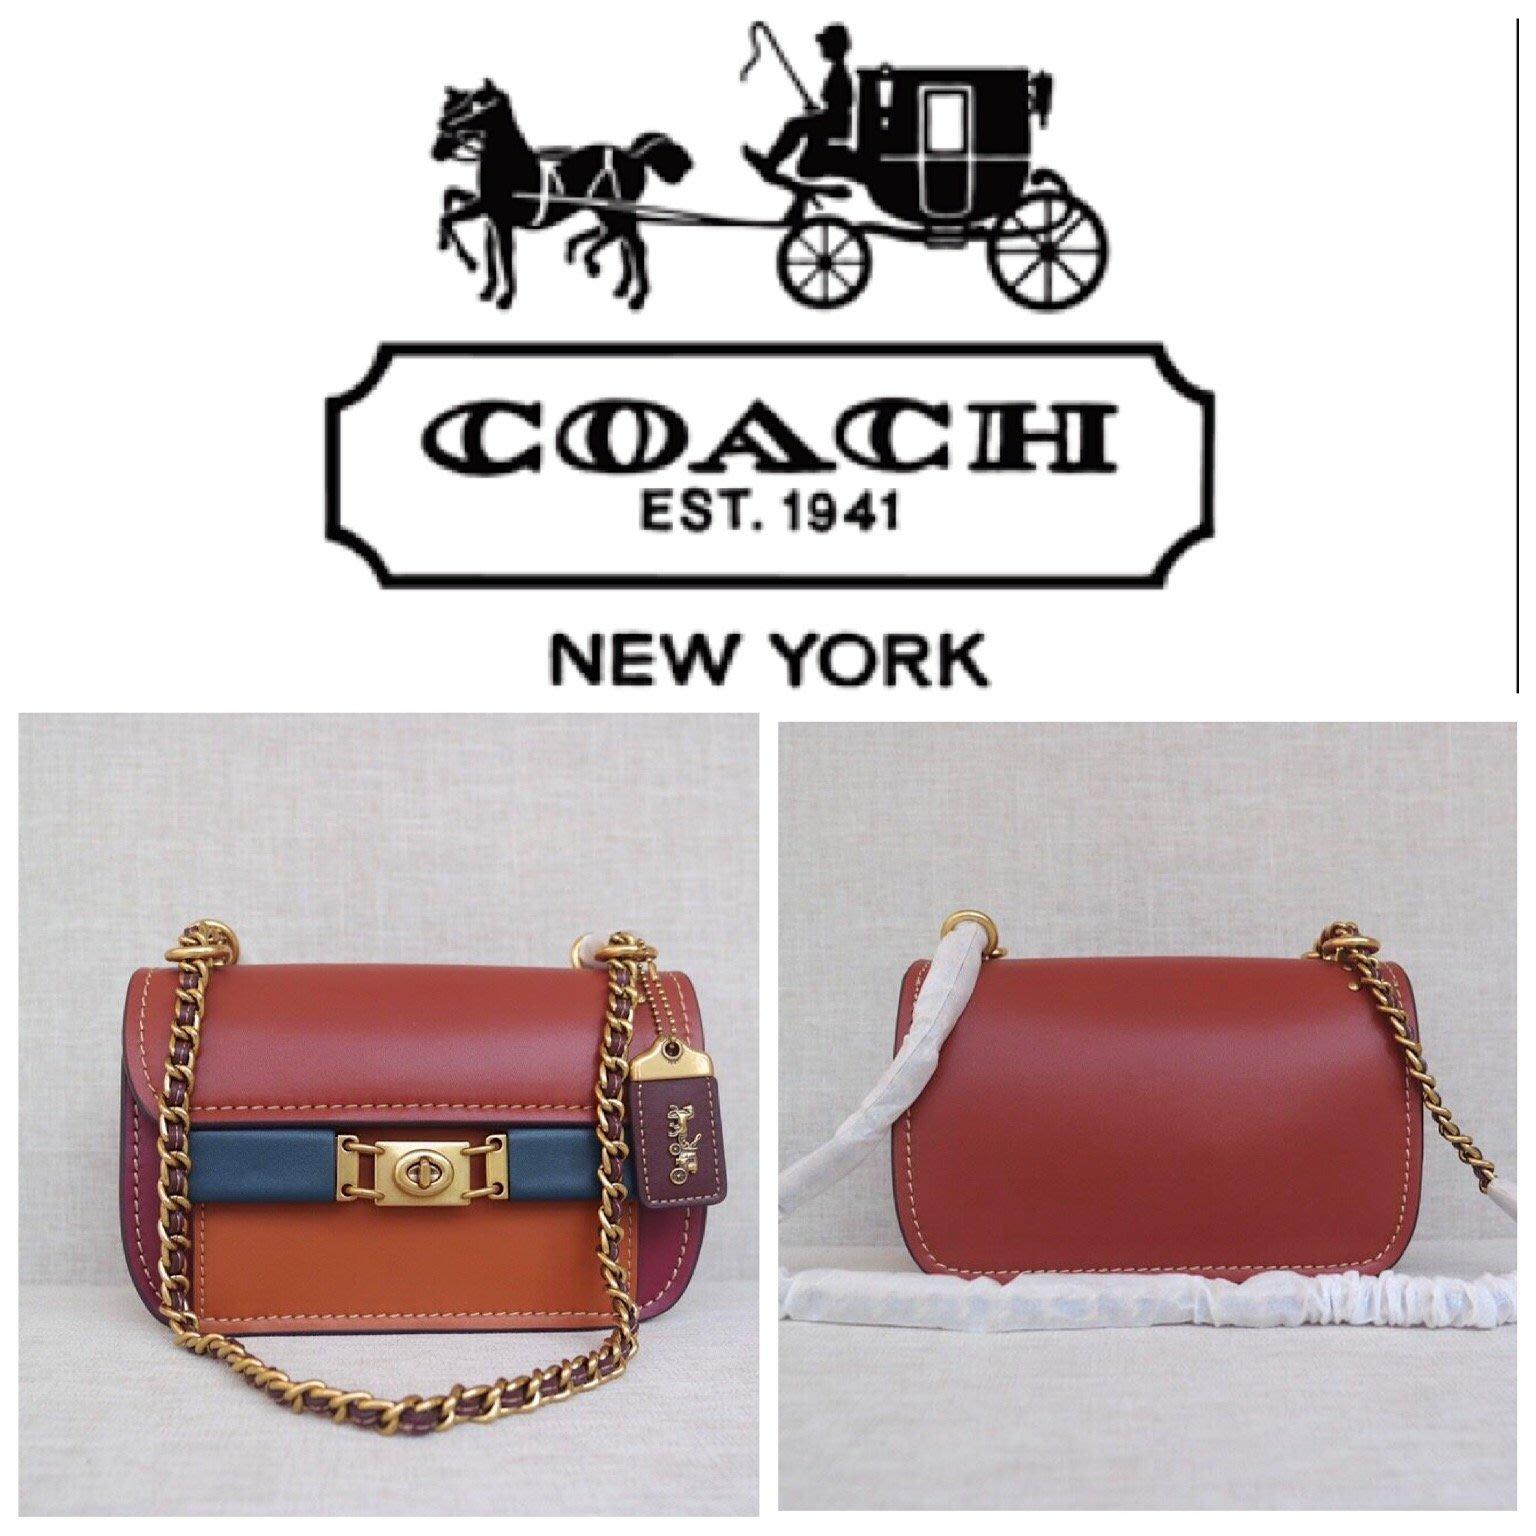 小鹿美國精品代購 COACH 78489 新款女士Troupe系列鏈條包 拼色旋扣式單肩斜挎包 附購證